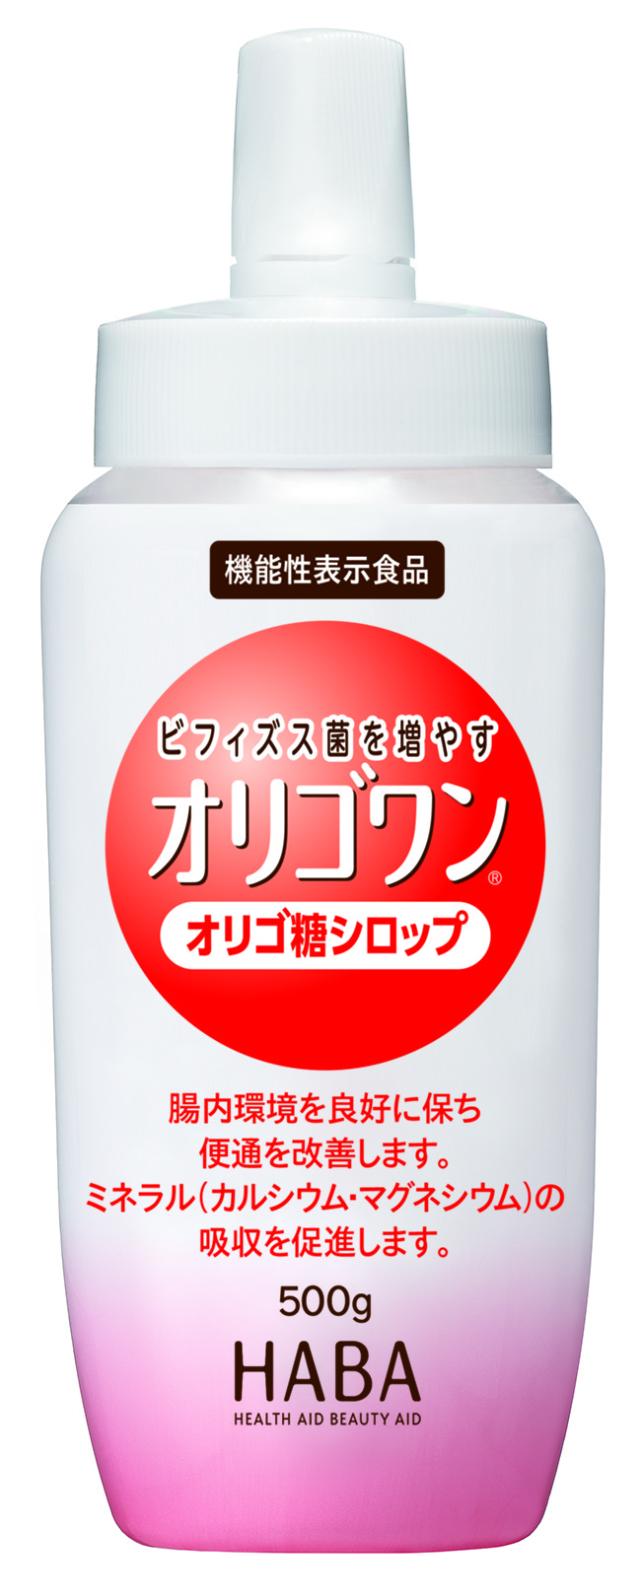 オリゴワン オリゴ糖シロップ 500g